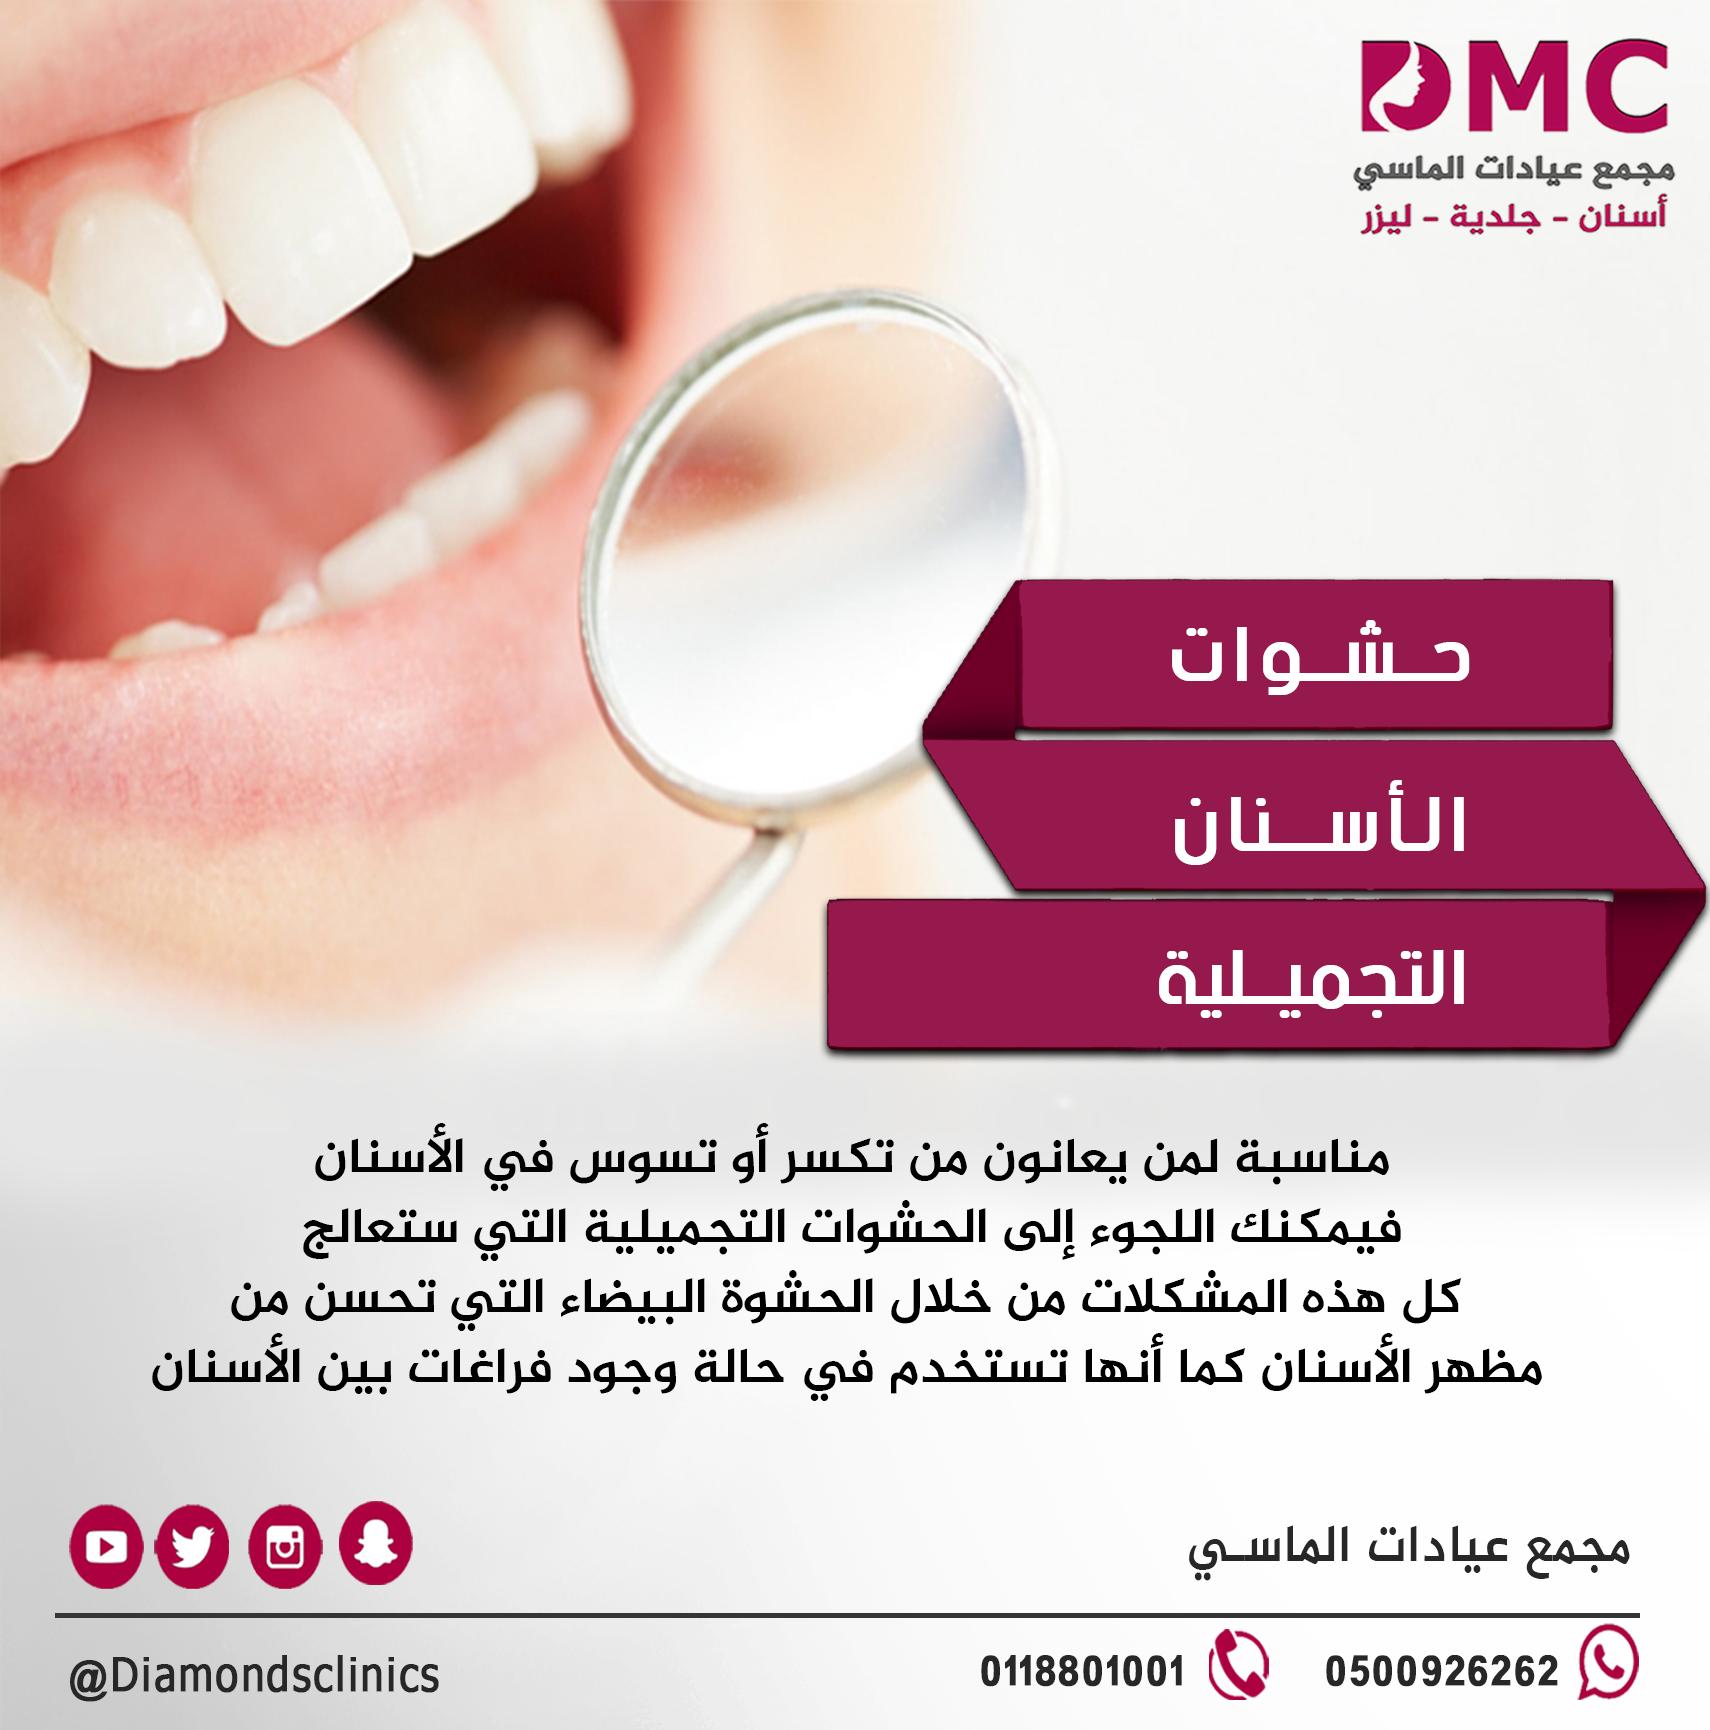 الحشوات التجميلية مناسبة لمن يعانون من تكسر أو تسوس في الأسنان فيمكنك اللجوء إلى الحشوات التجميلية التي ستعالج كل هذه المشكلات م Teeth Health Health Teeth